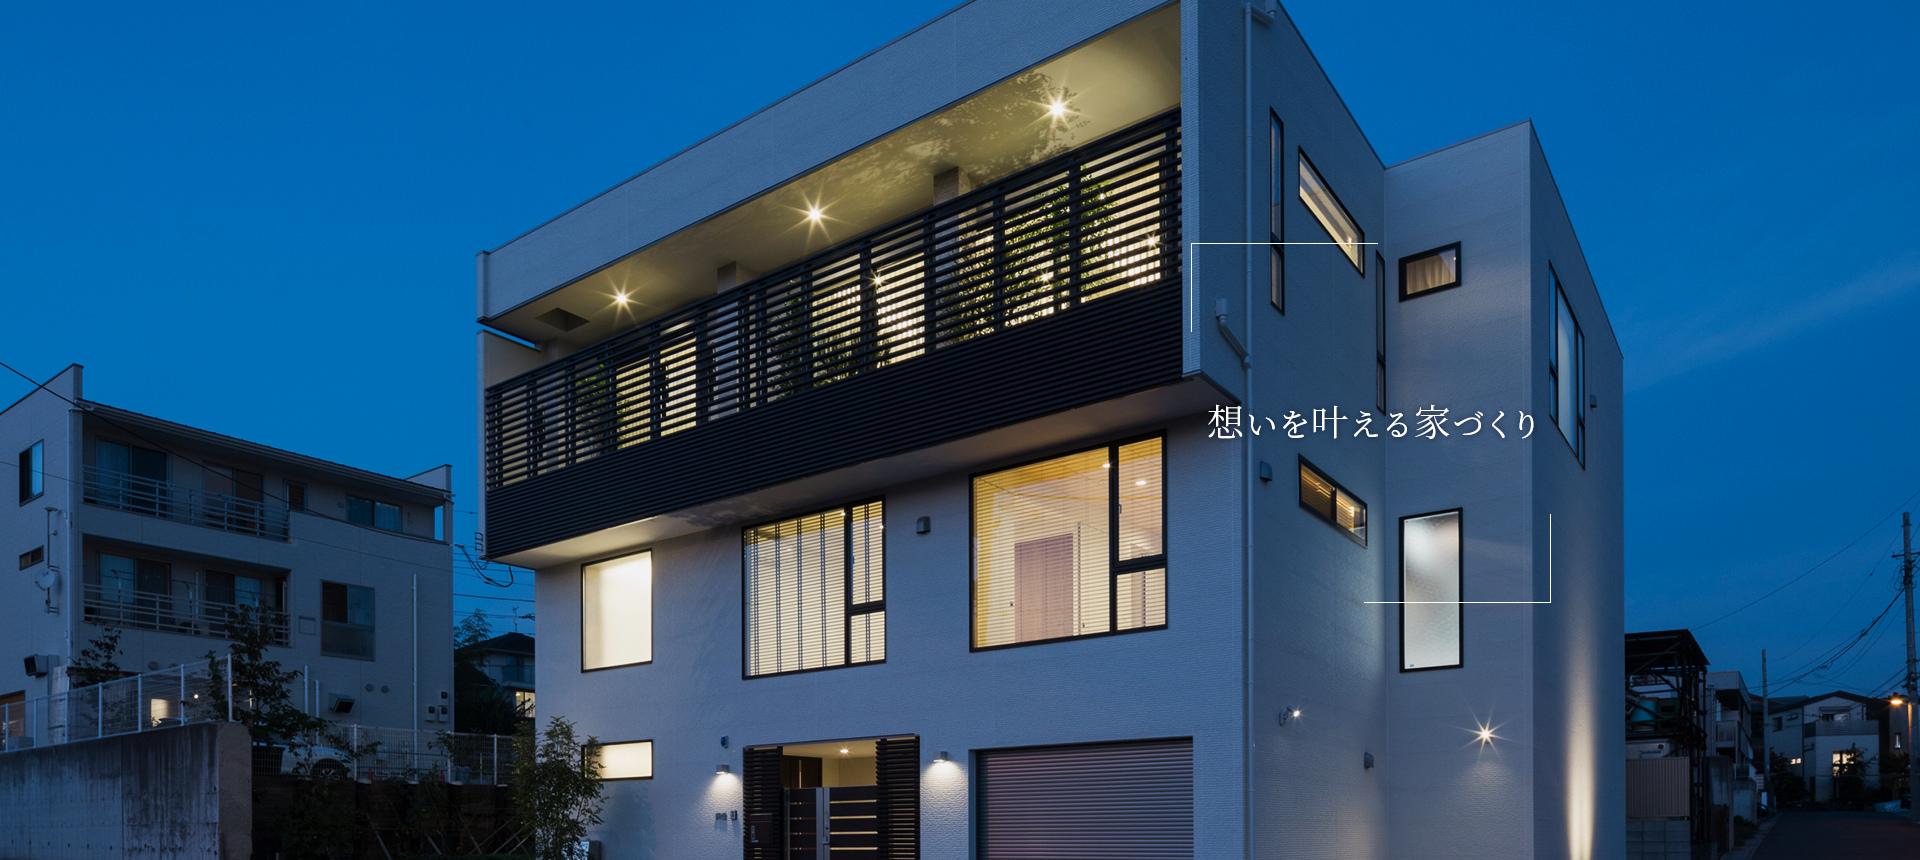 想いを叶える家づくり 一級建築士事務所 株式会社ワプル 第二建築事業部